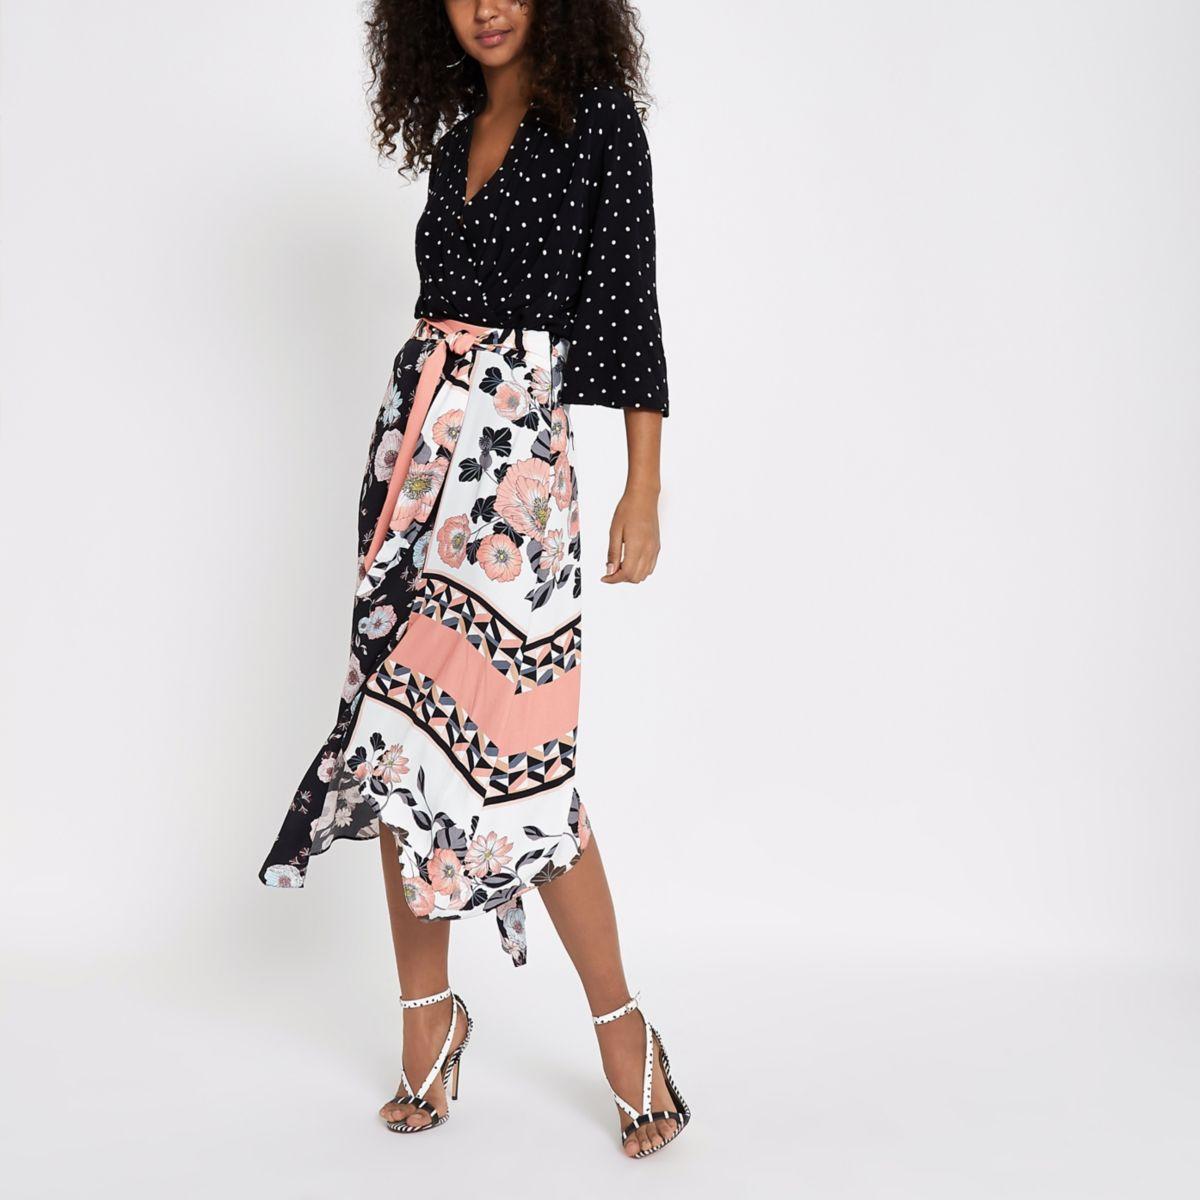 Zwarte rok van chiffon met ongelijke zoom en bloemenprint